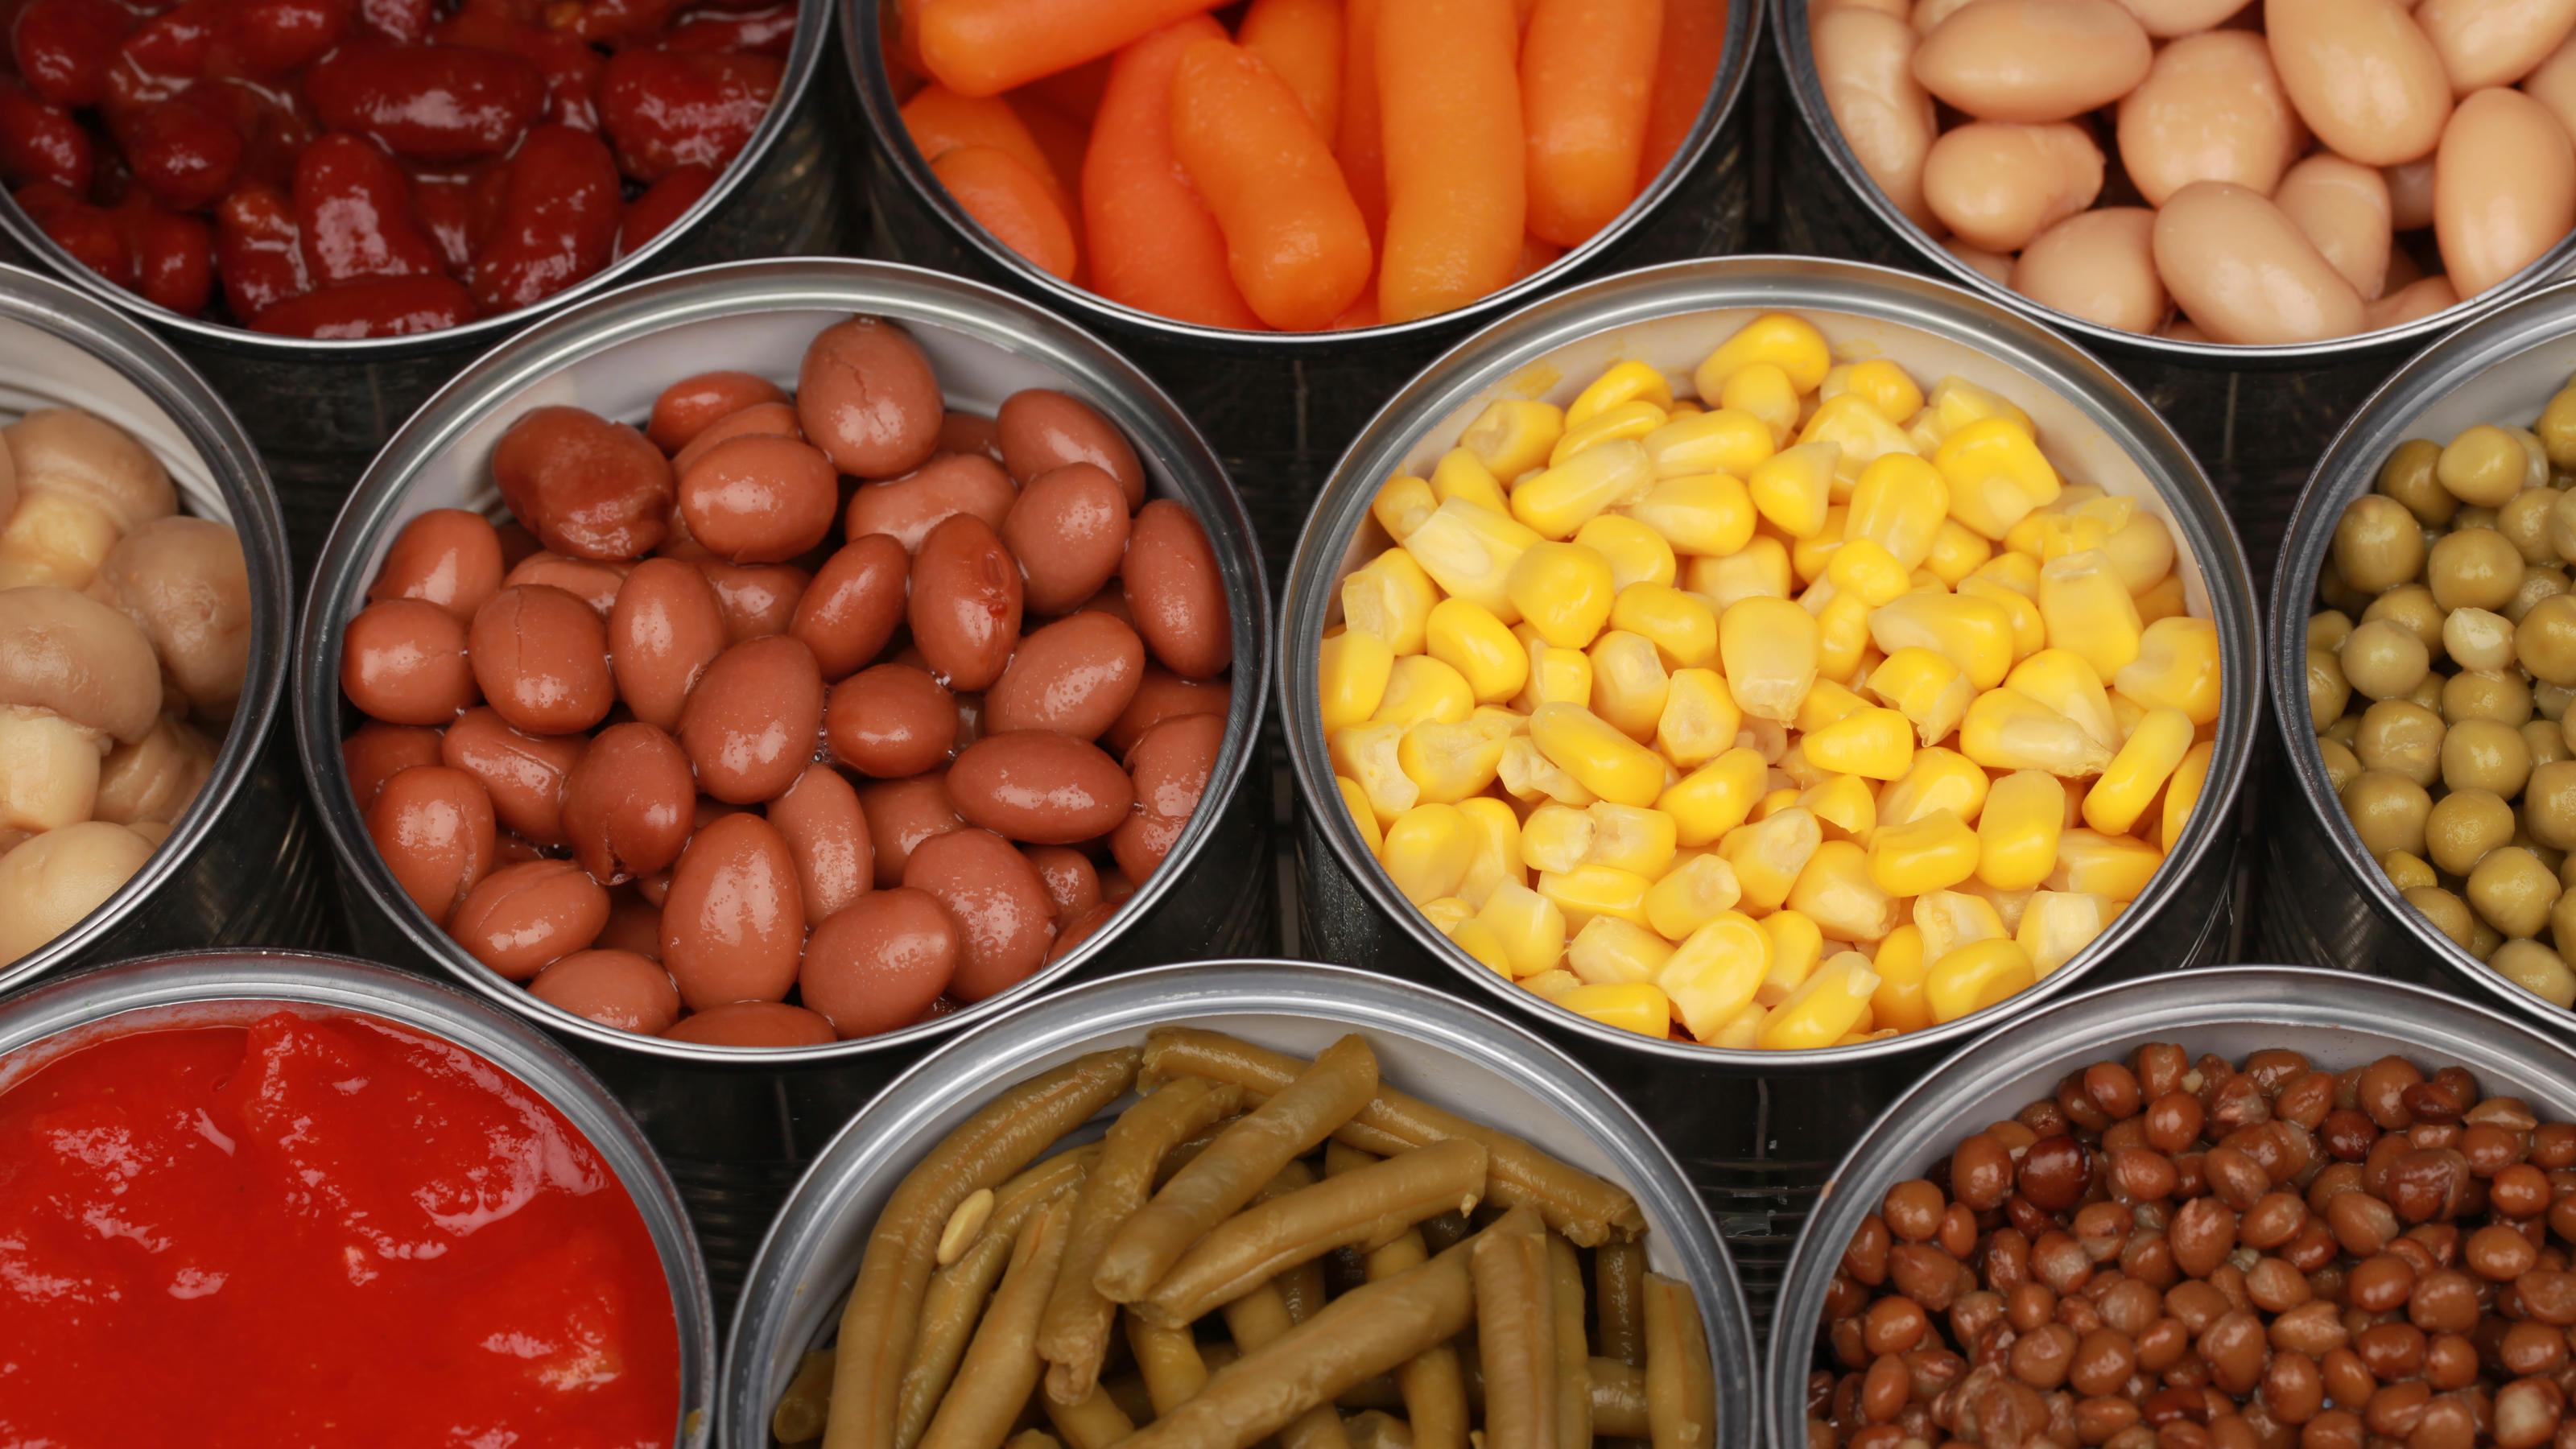 Mehrere geöffnete Konserven mit Dosengemüse